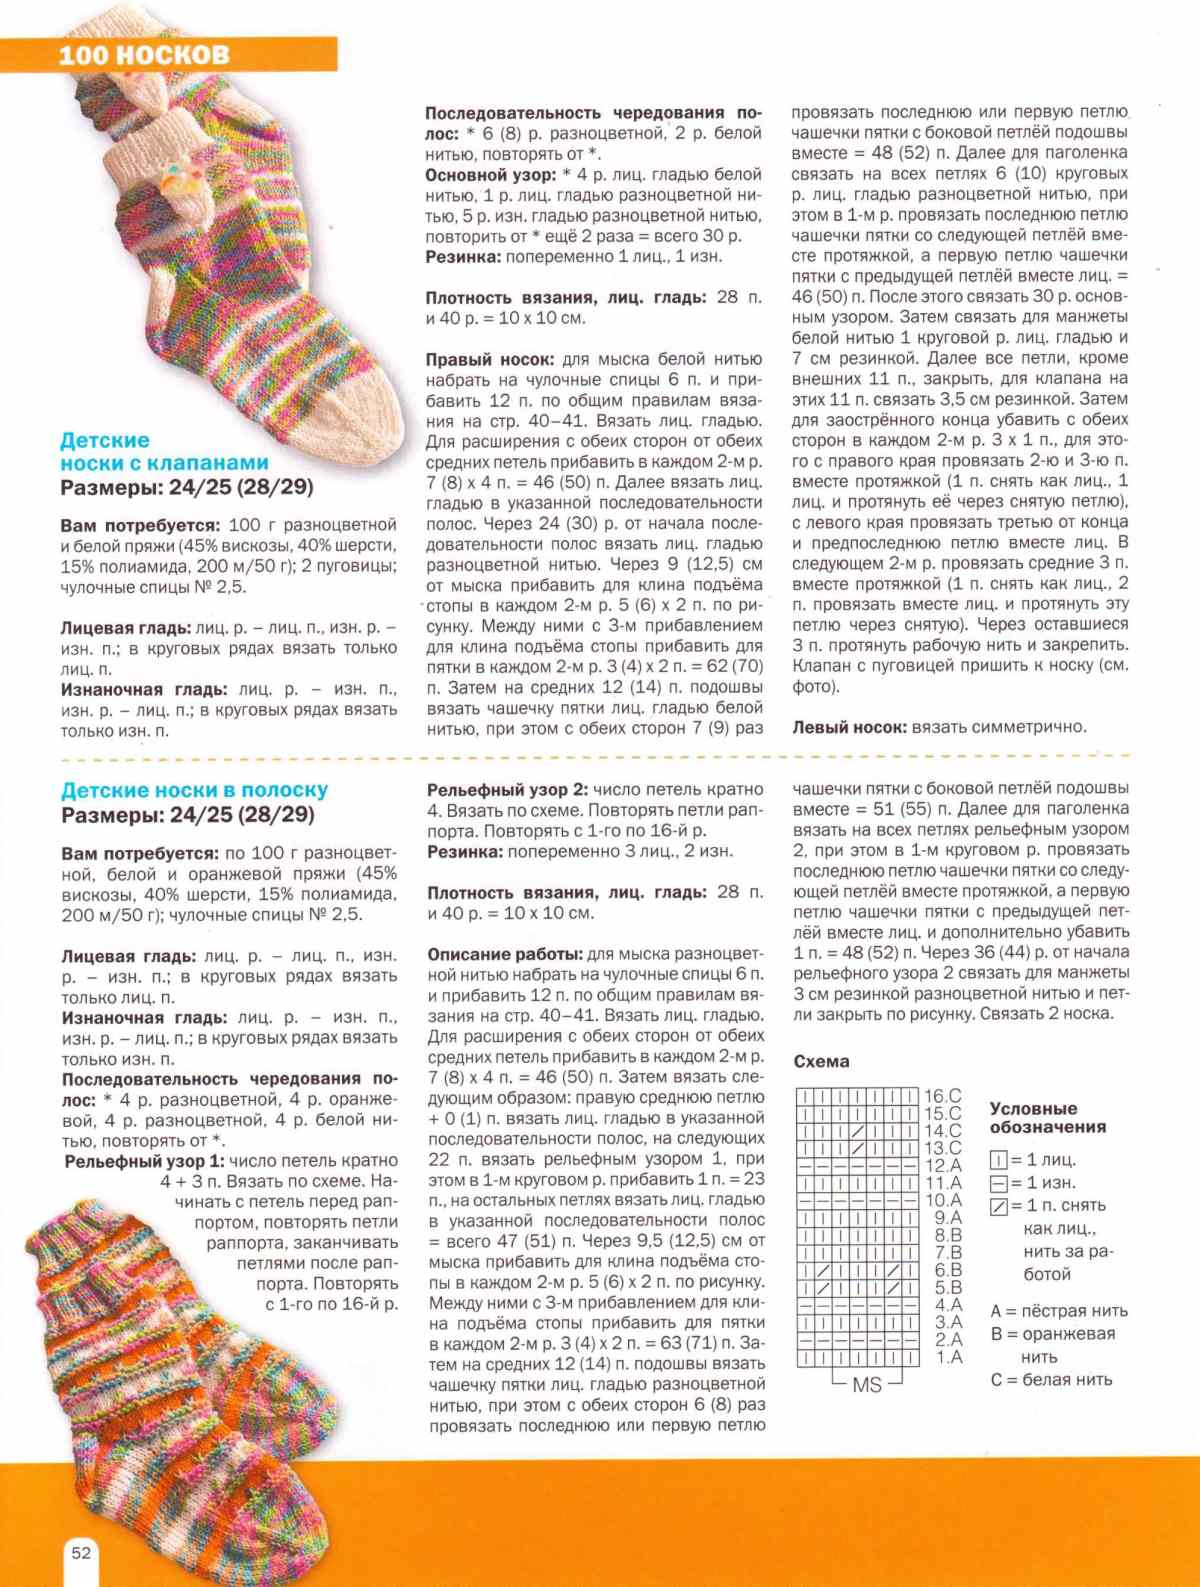 Вязание детских носков спицами на 5 спицах 66